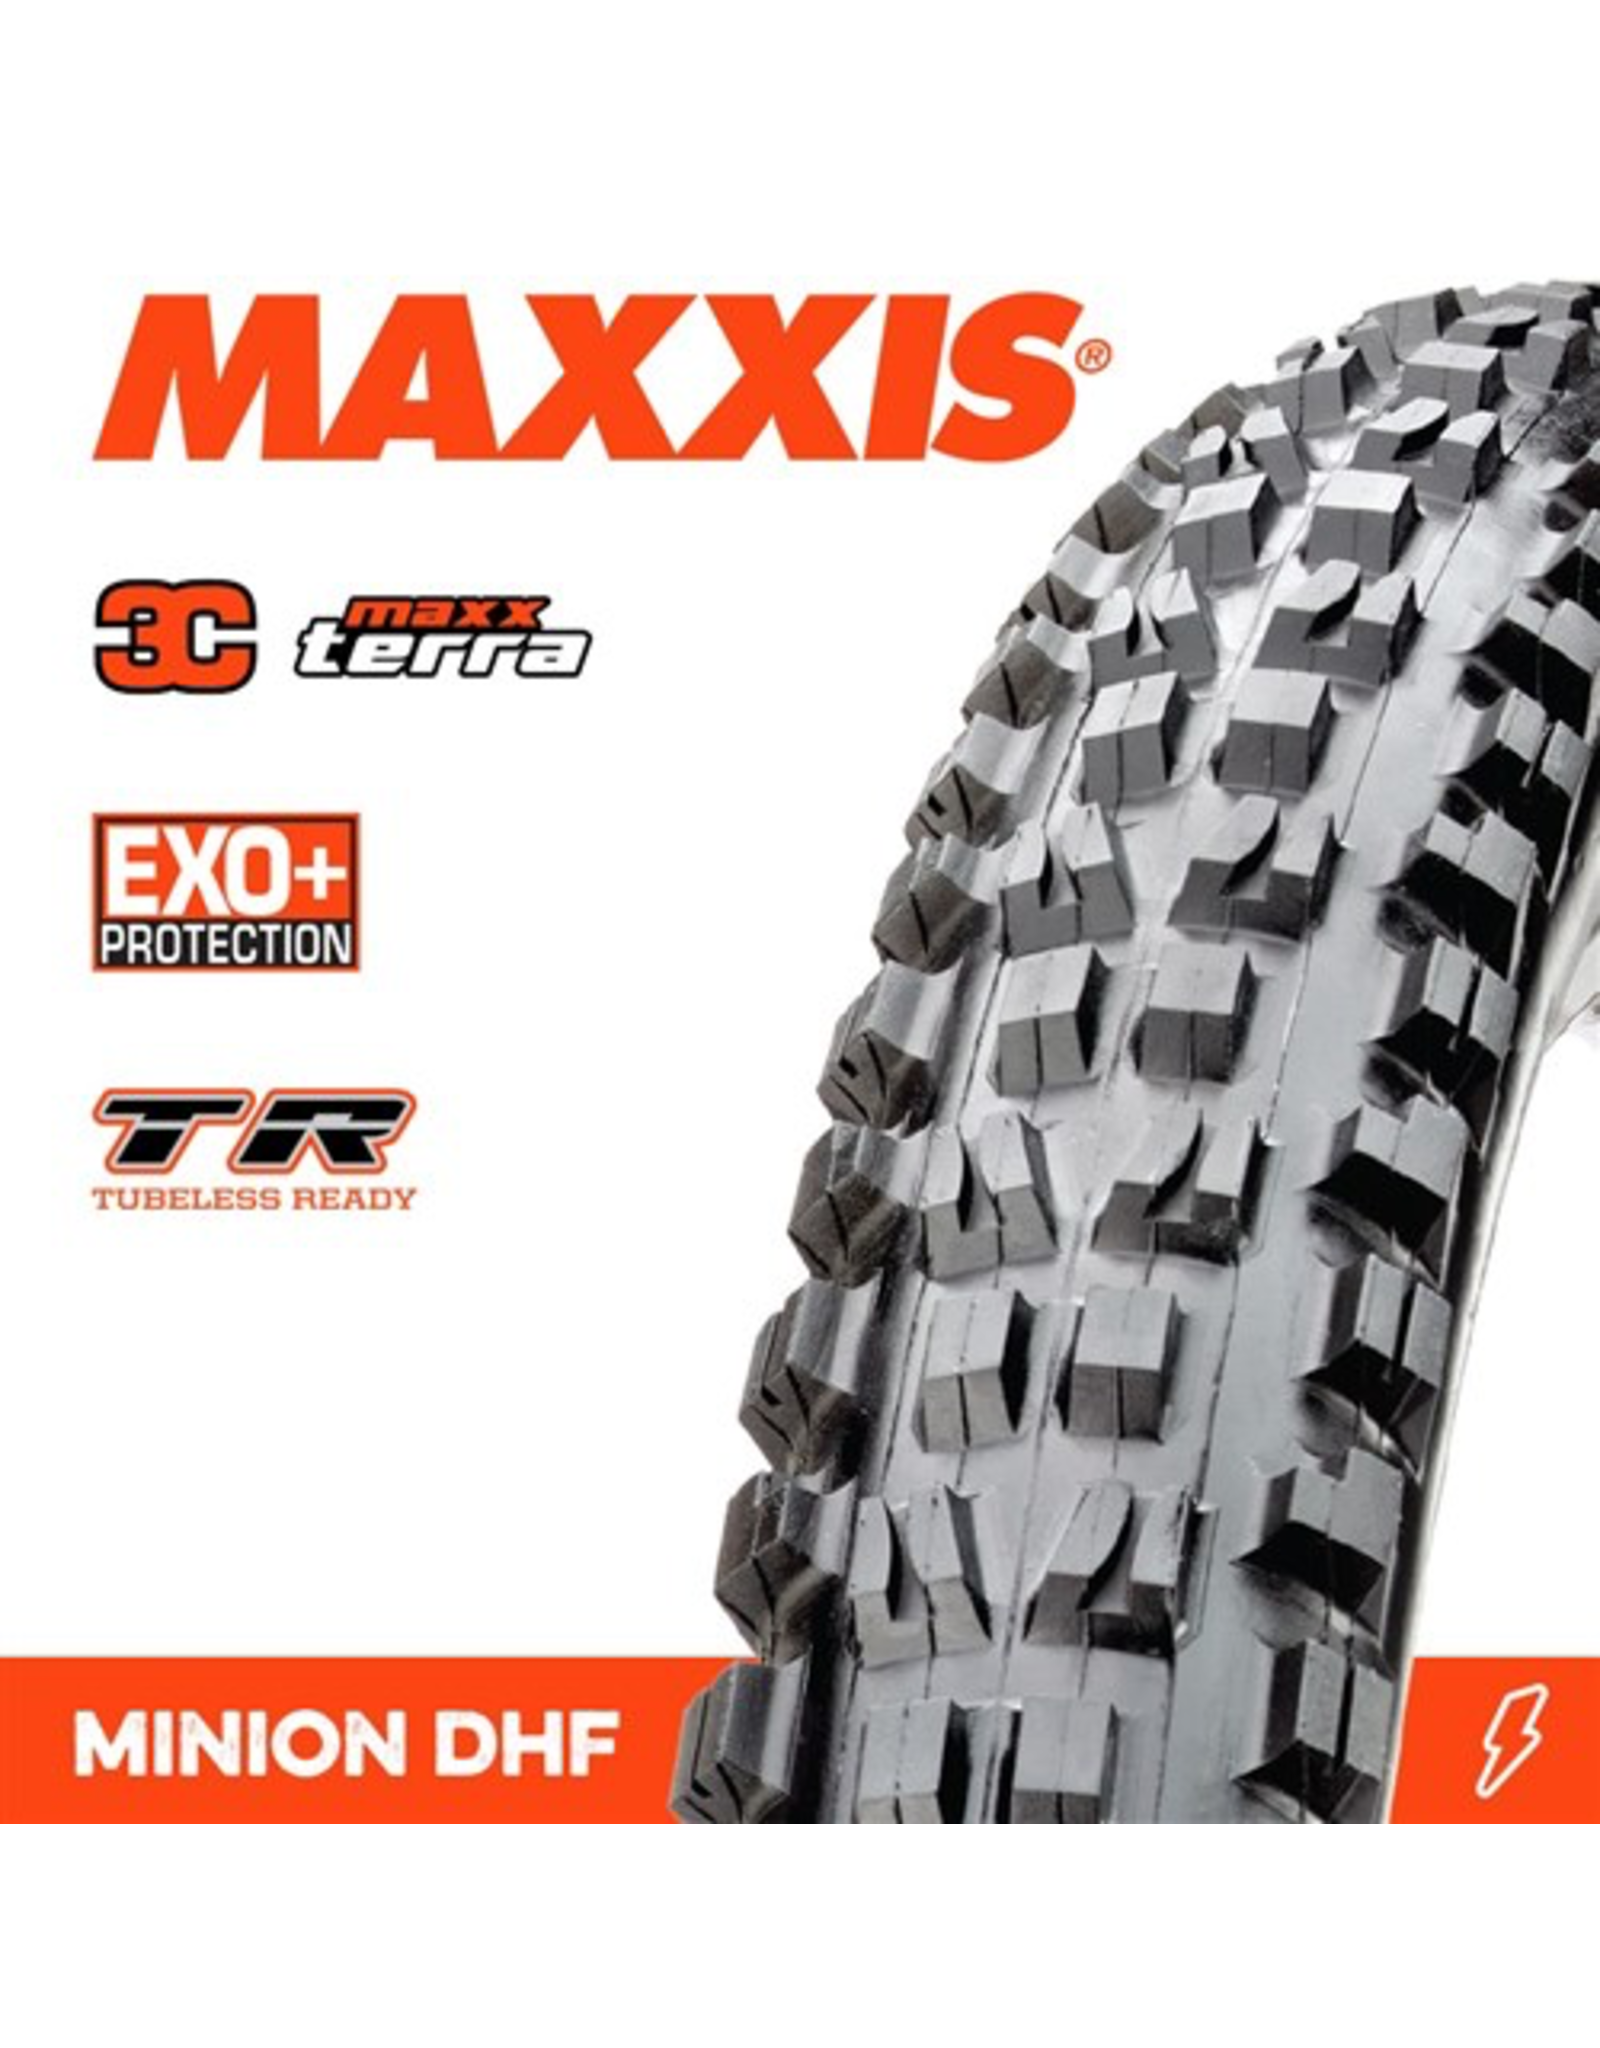 """MAXXIS MAXXIS MINION DHF 27.5 X 2.50"""" WT TR EXO+ 3C MAXX TERRA FOLD 120TPI TYRE"""